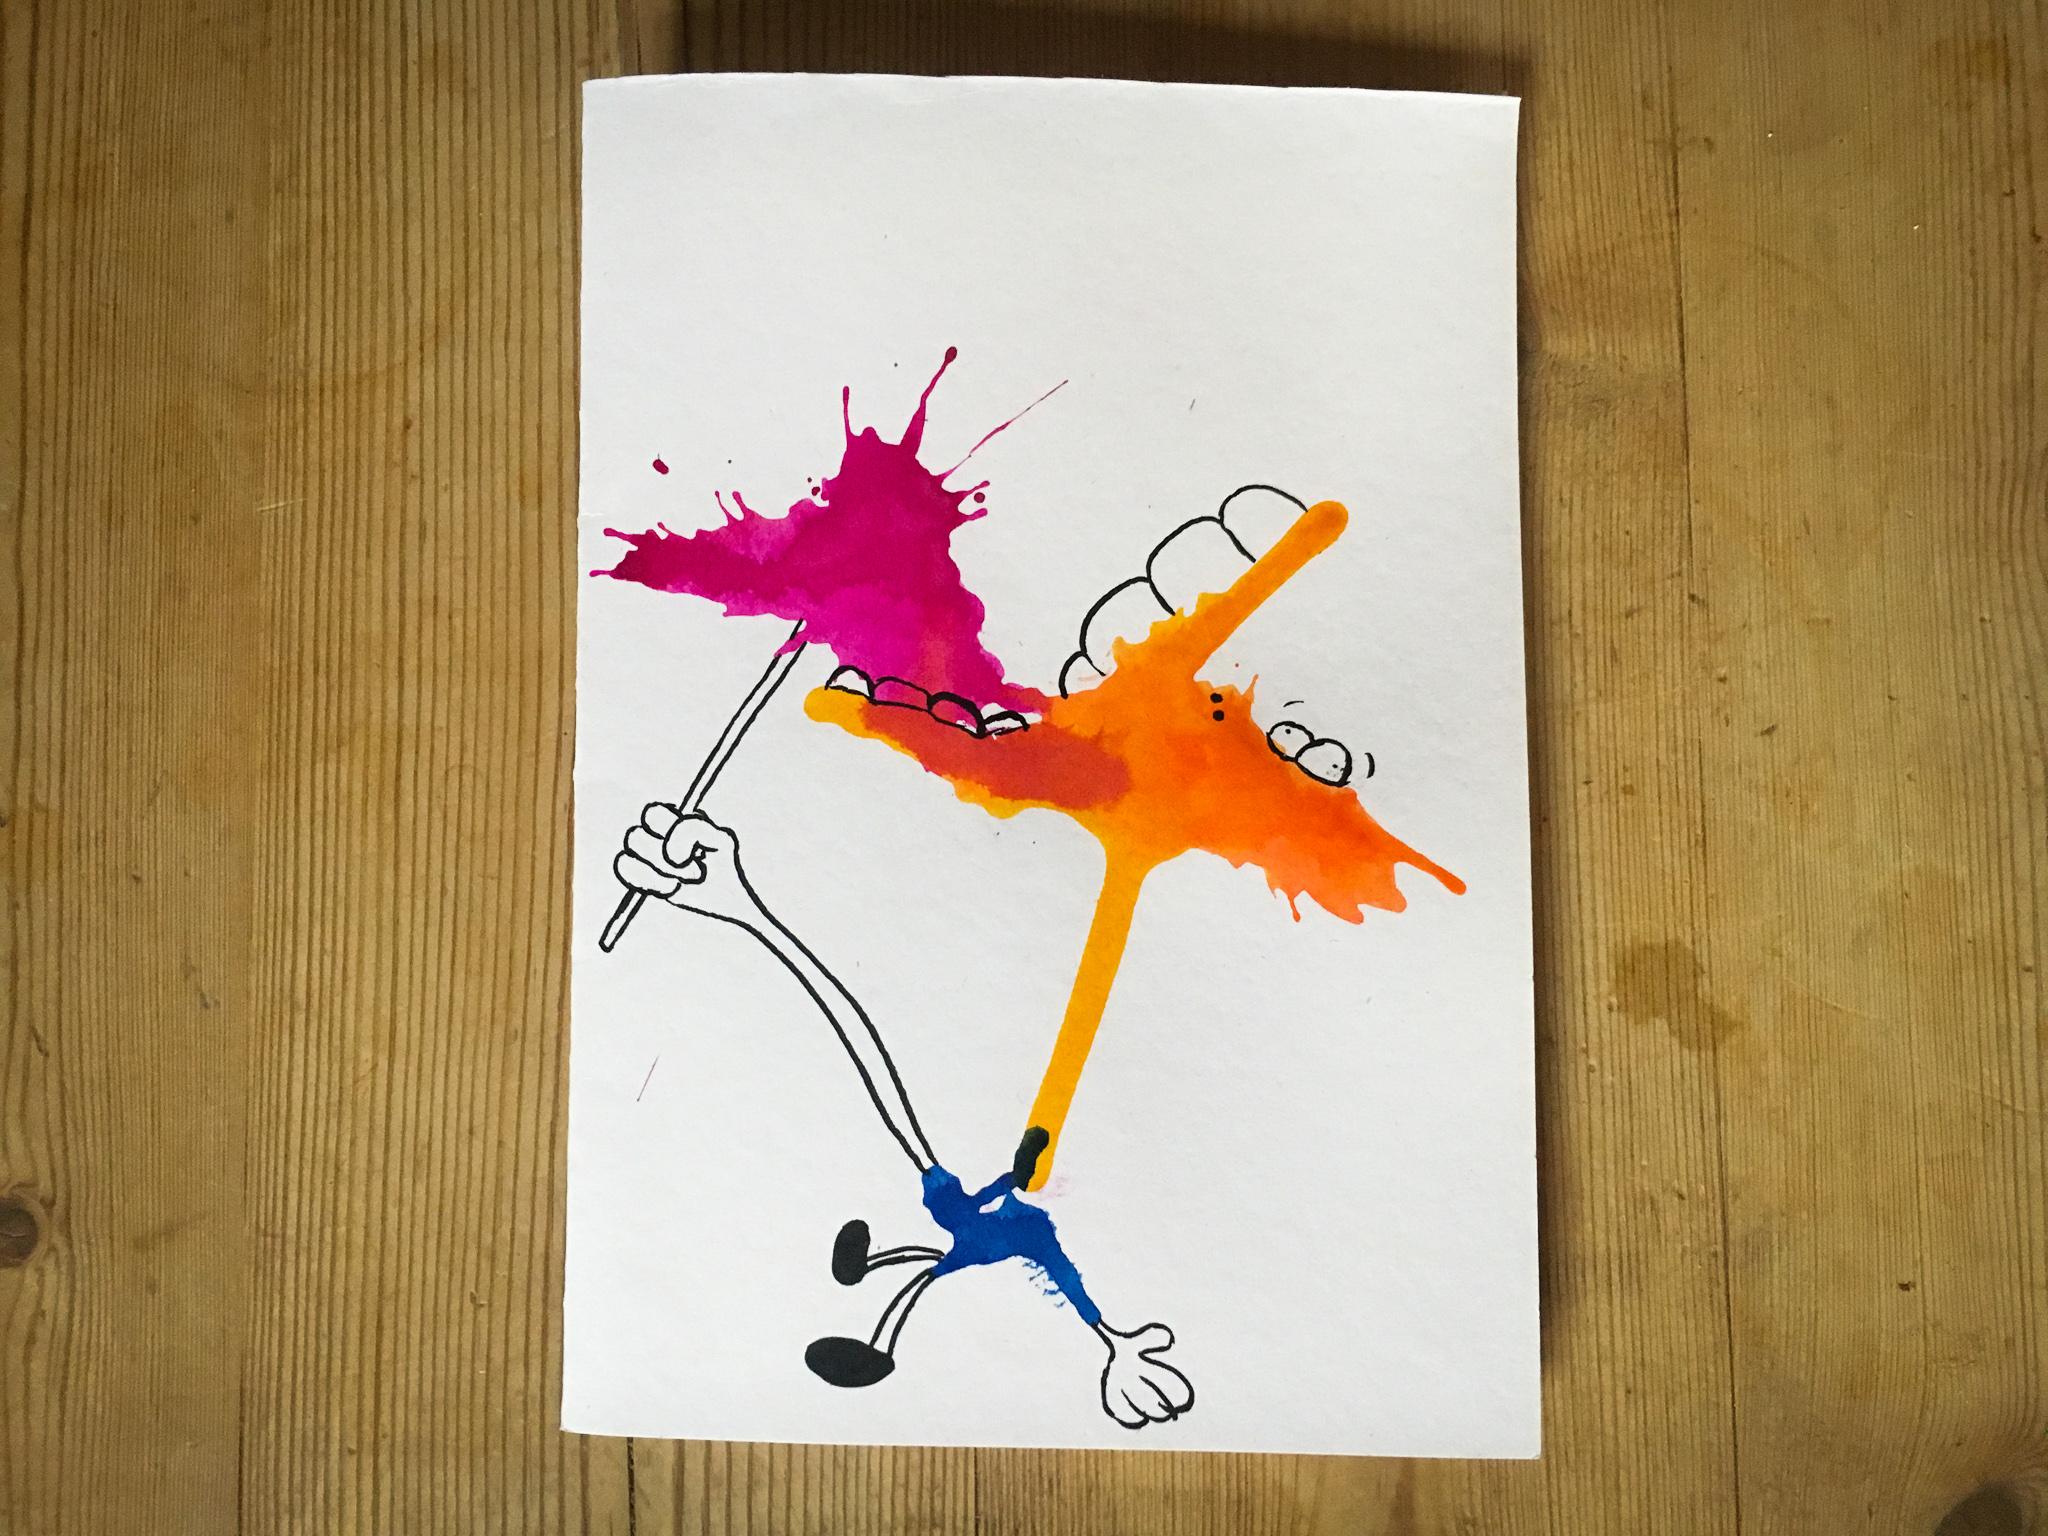 ink-splat-candyfloss-4